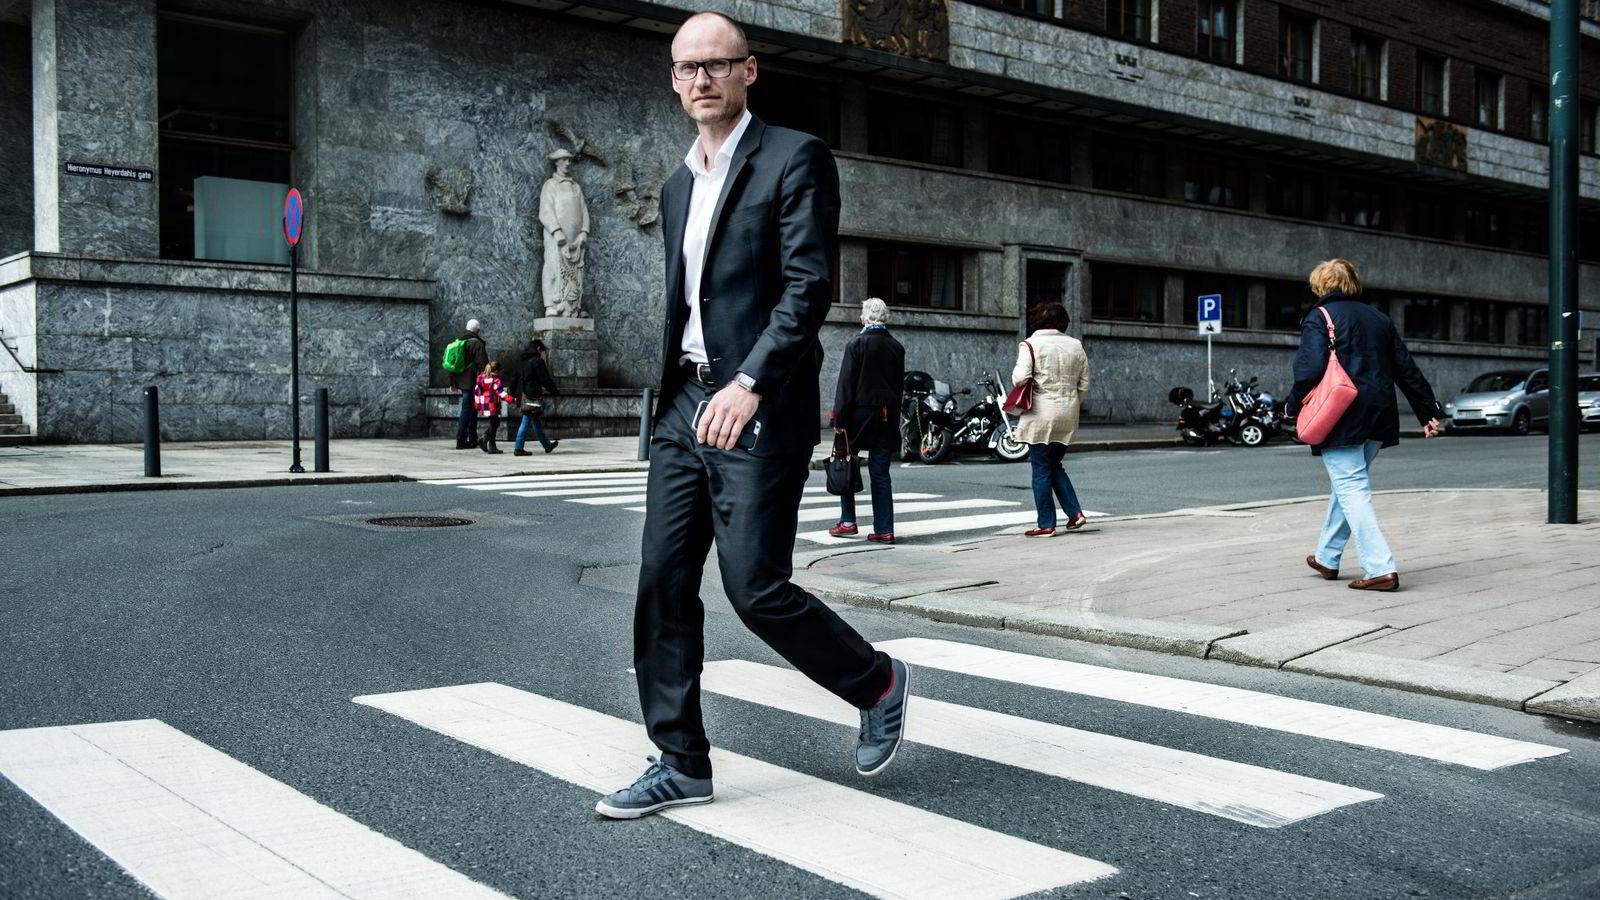 – Å slippe hackere inn i nettverket er like alvorlig som å slippe uvedkommende inn ved å glemme å låse porten, sier jurist Christian Sturla Svensen. Foto: Klaudia Lech